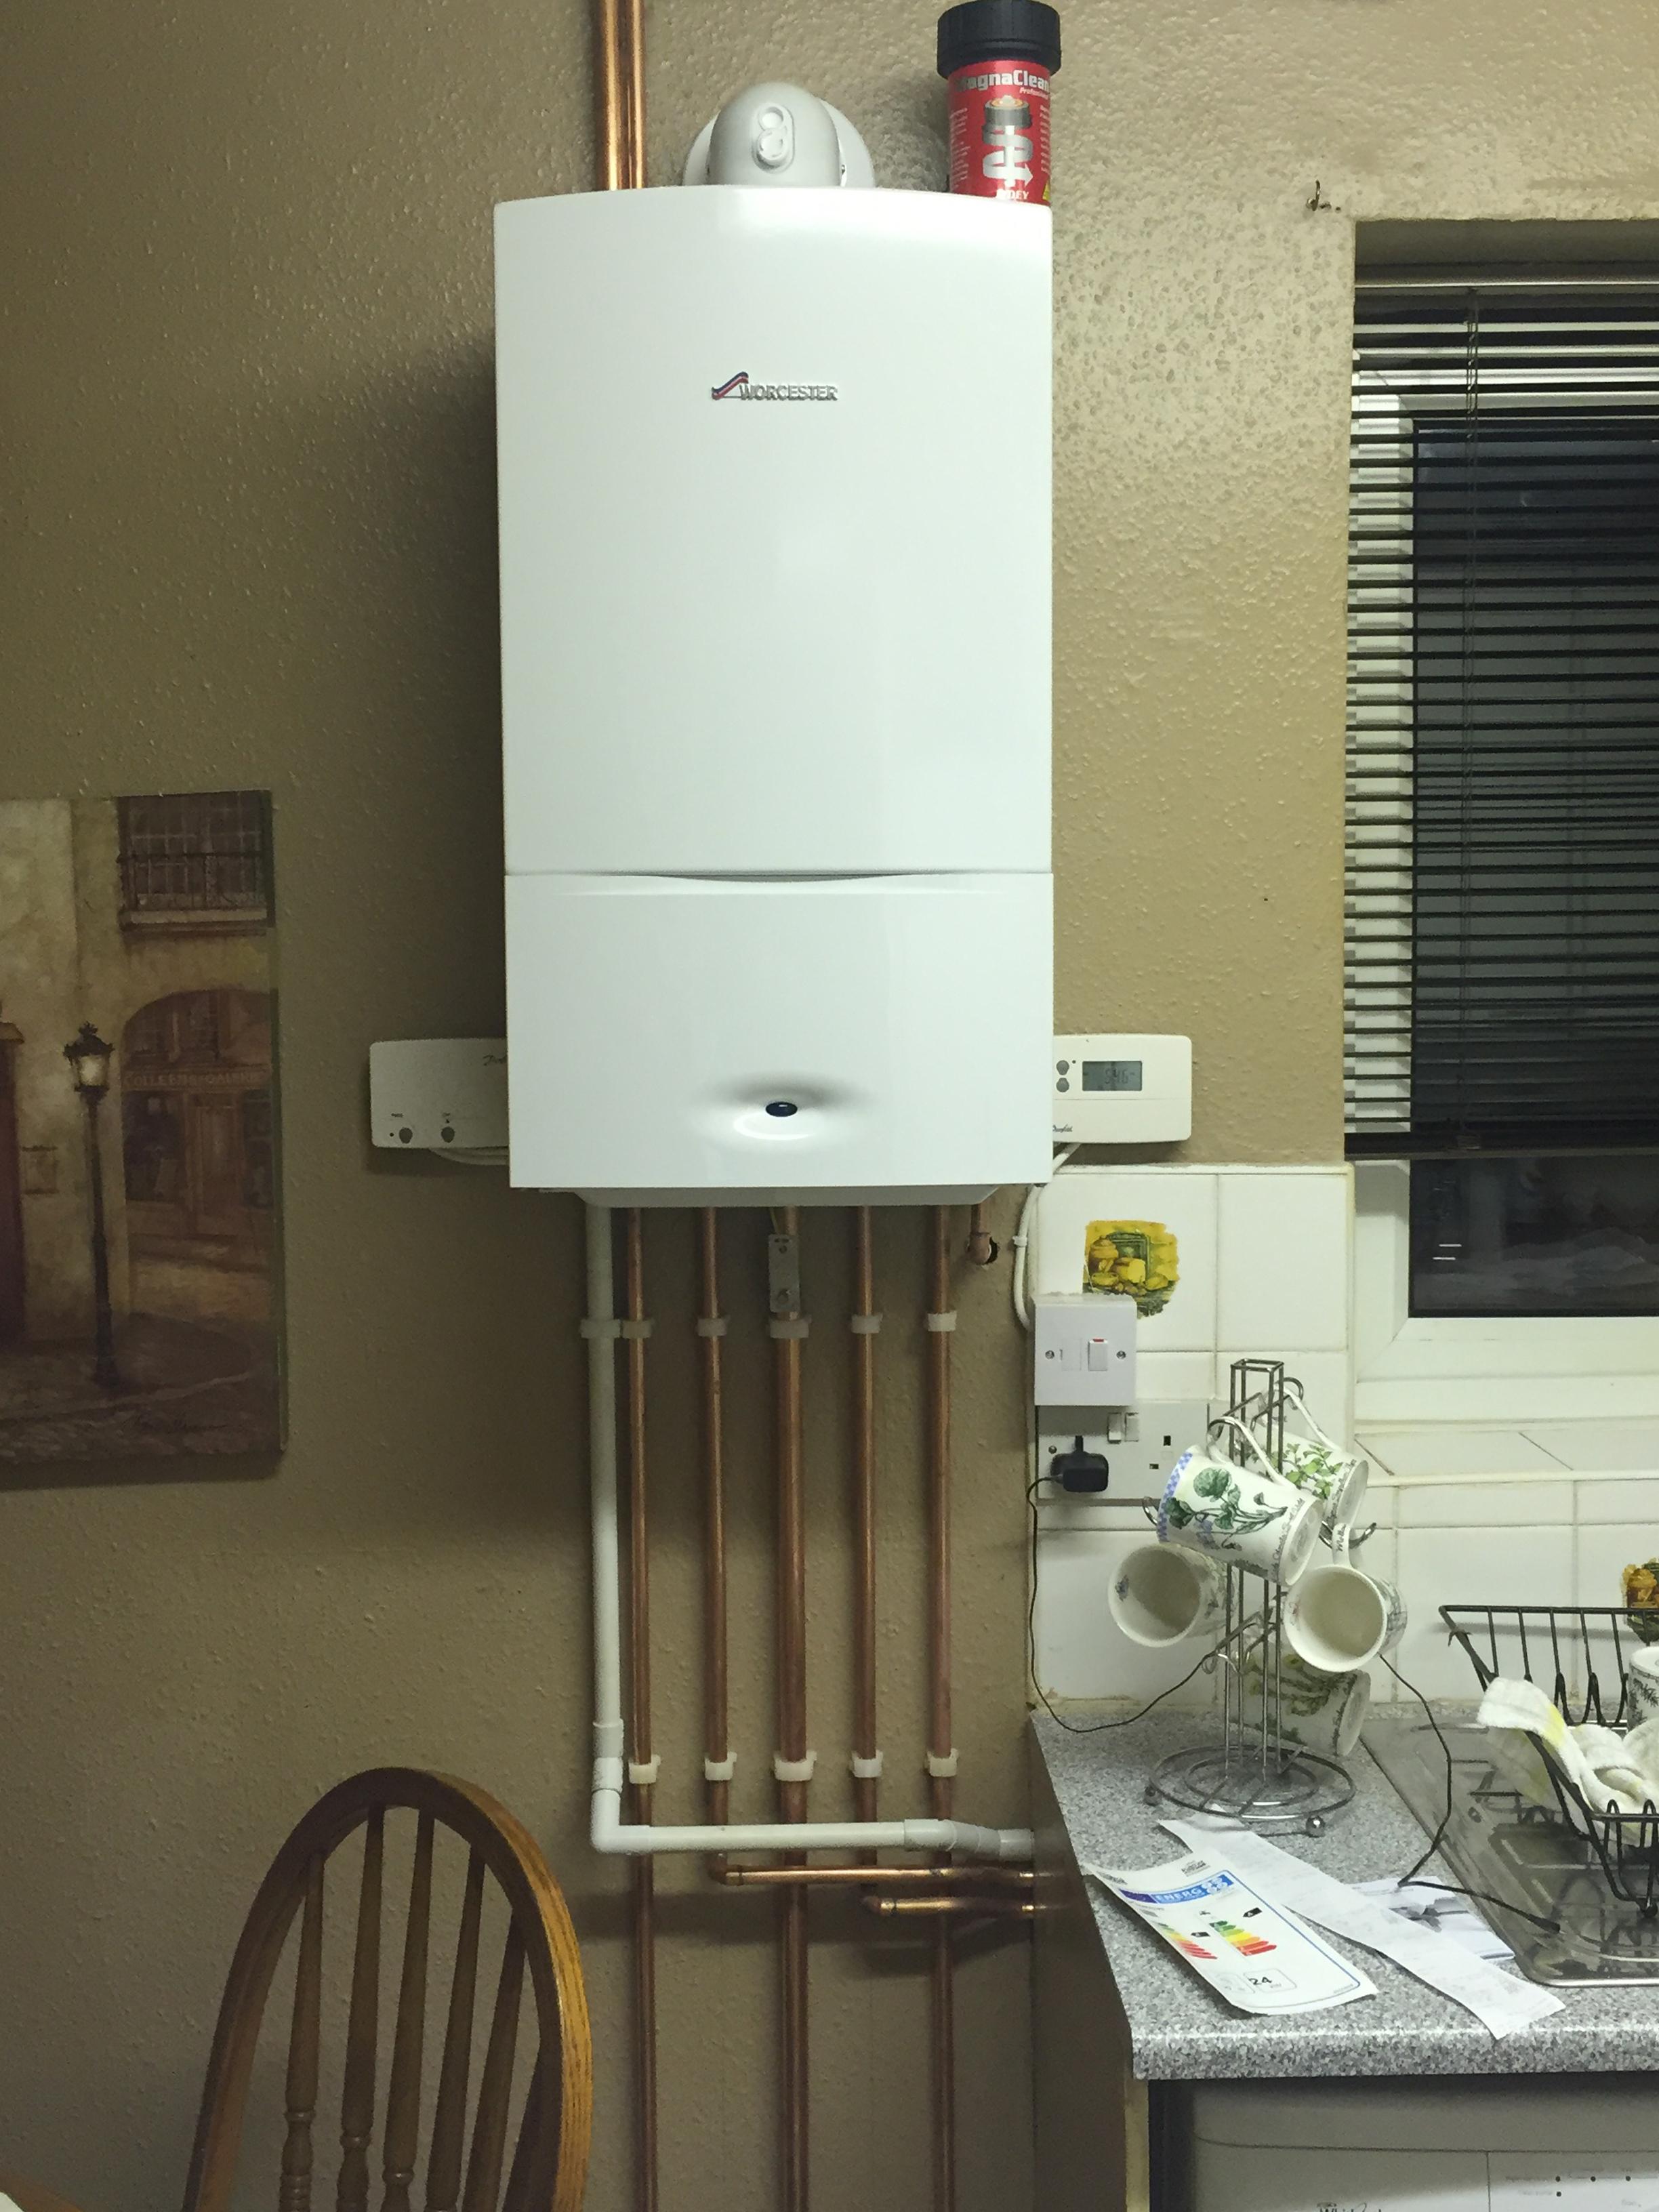 Boiler Installation: Combi Boiler Installation